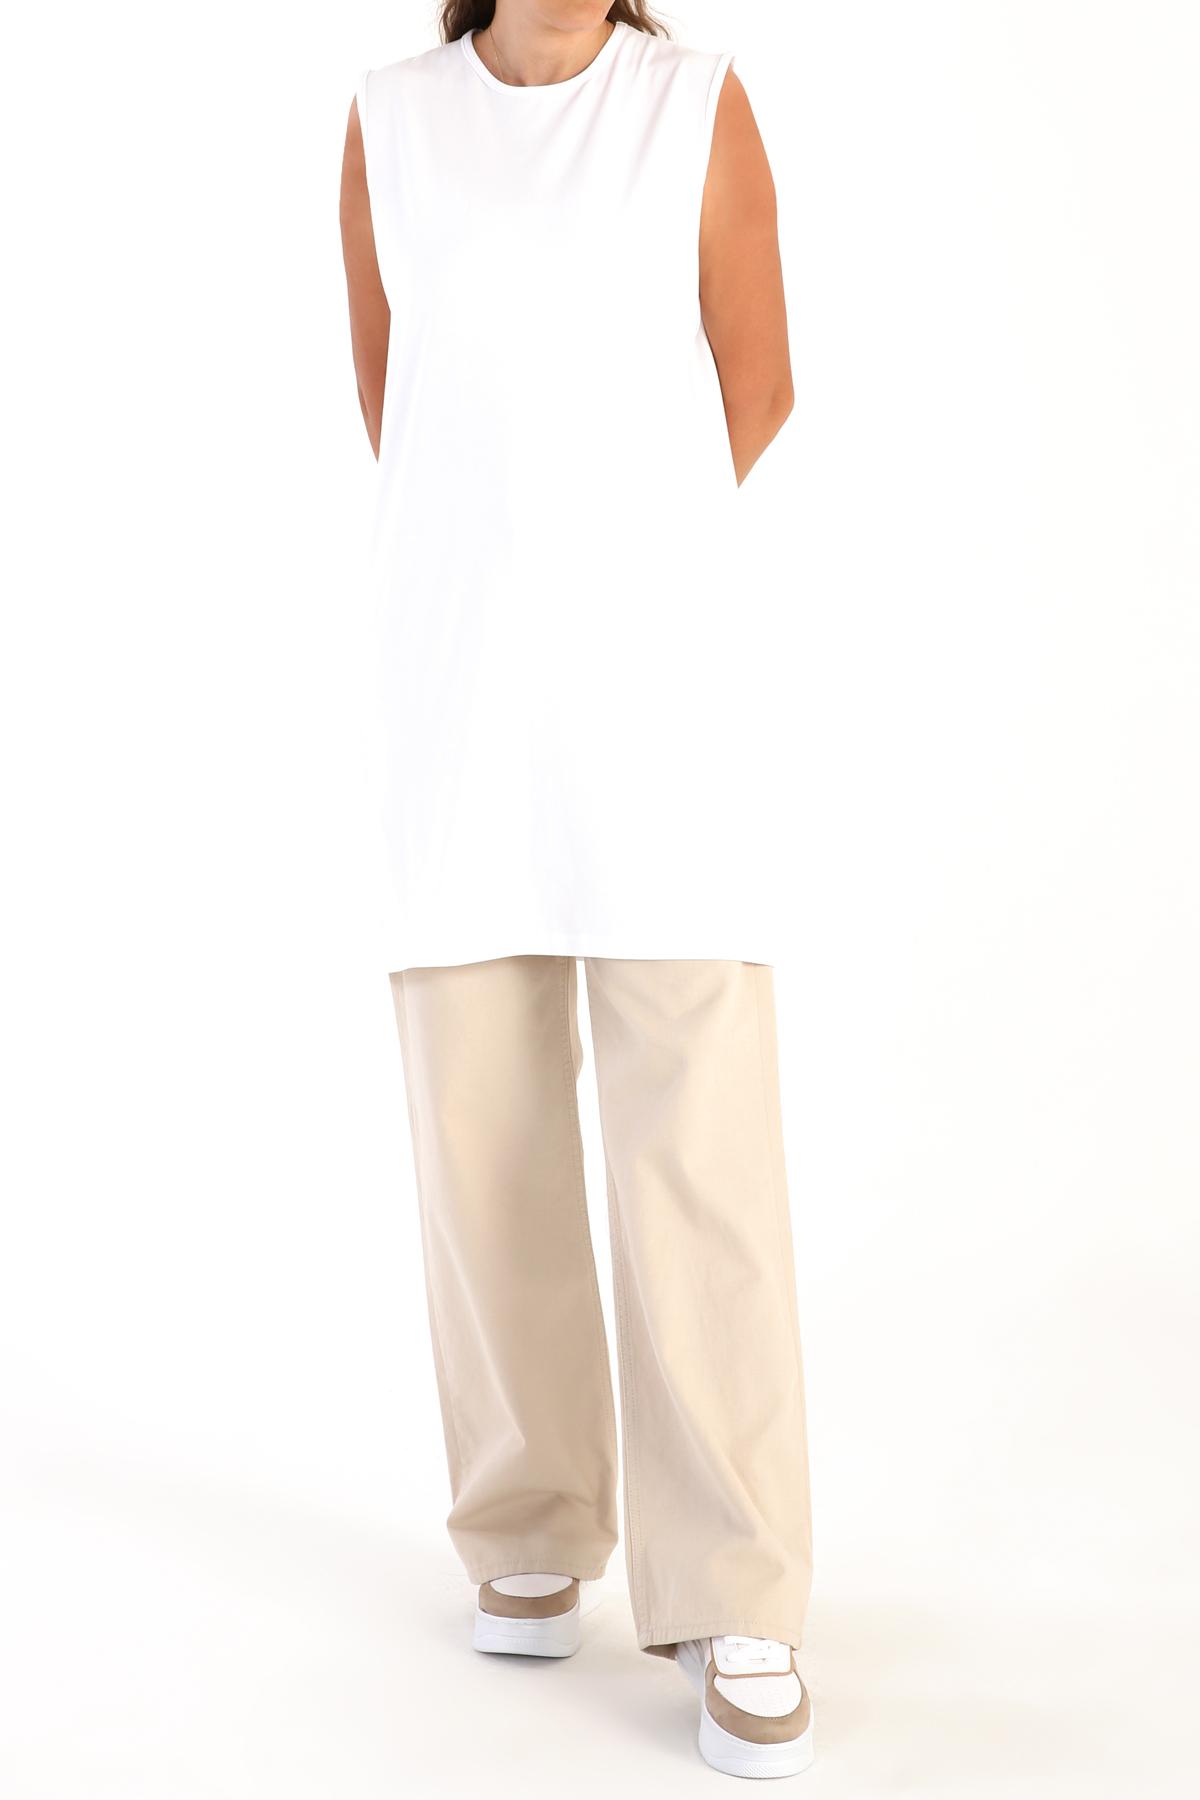 Crew Neck Sleeveless Basic Tunic